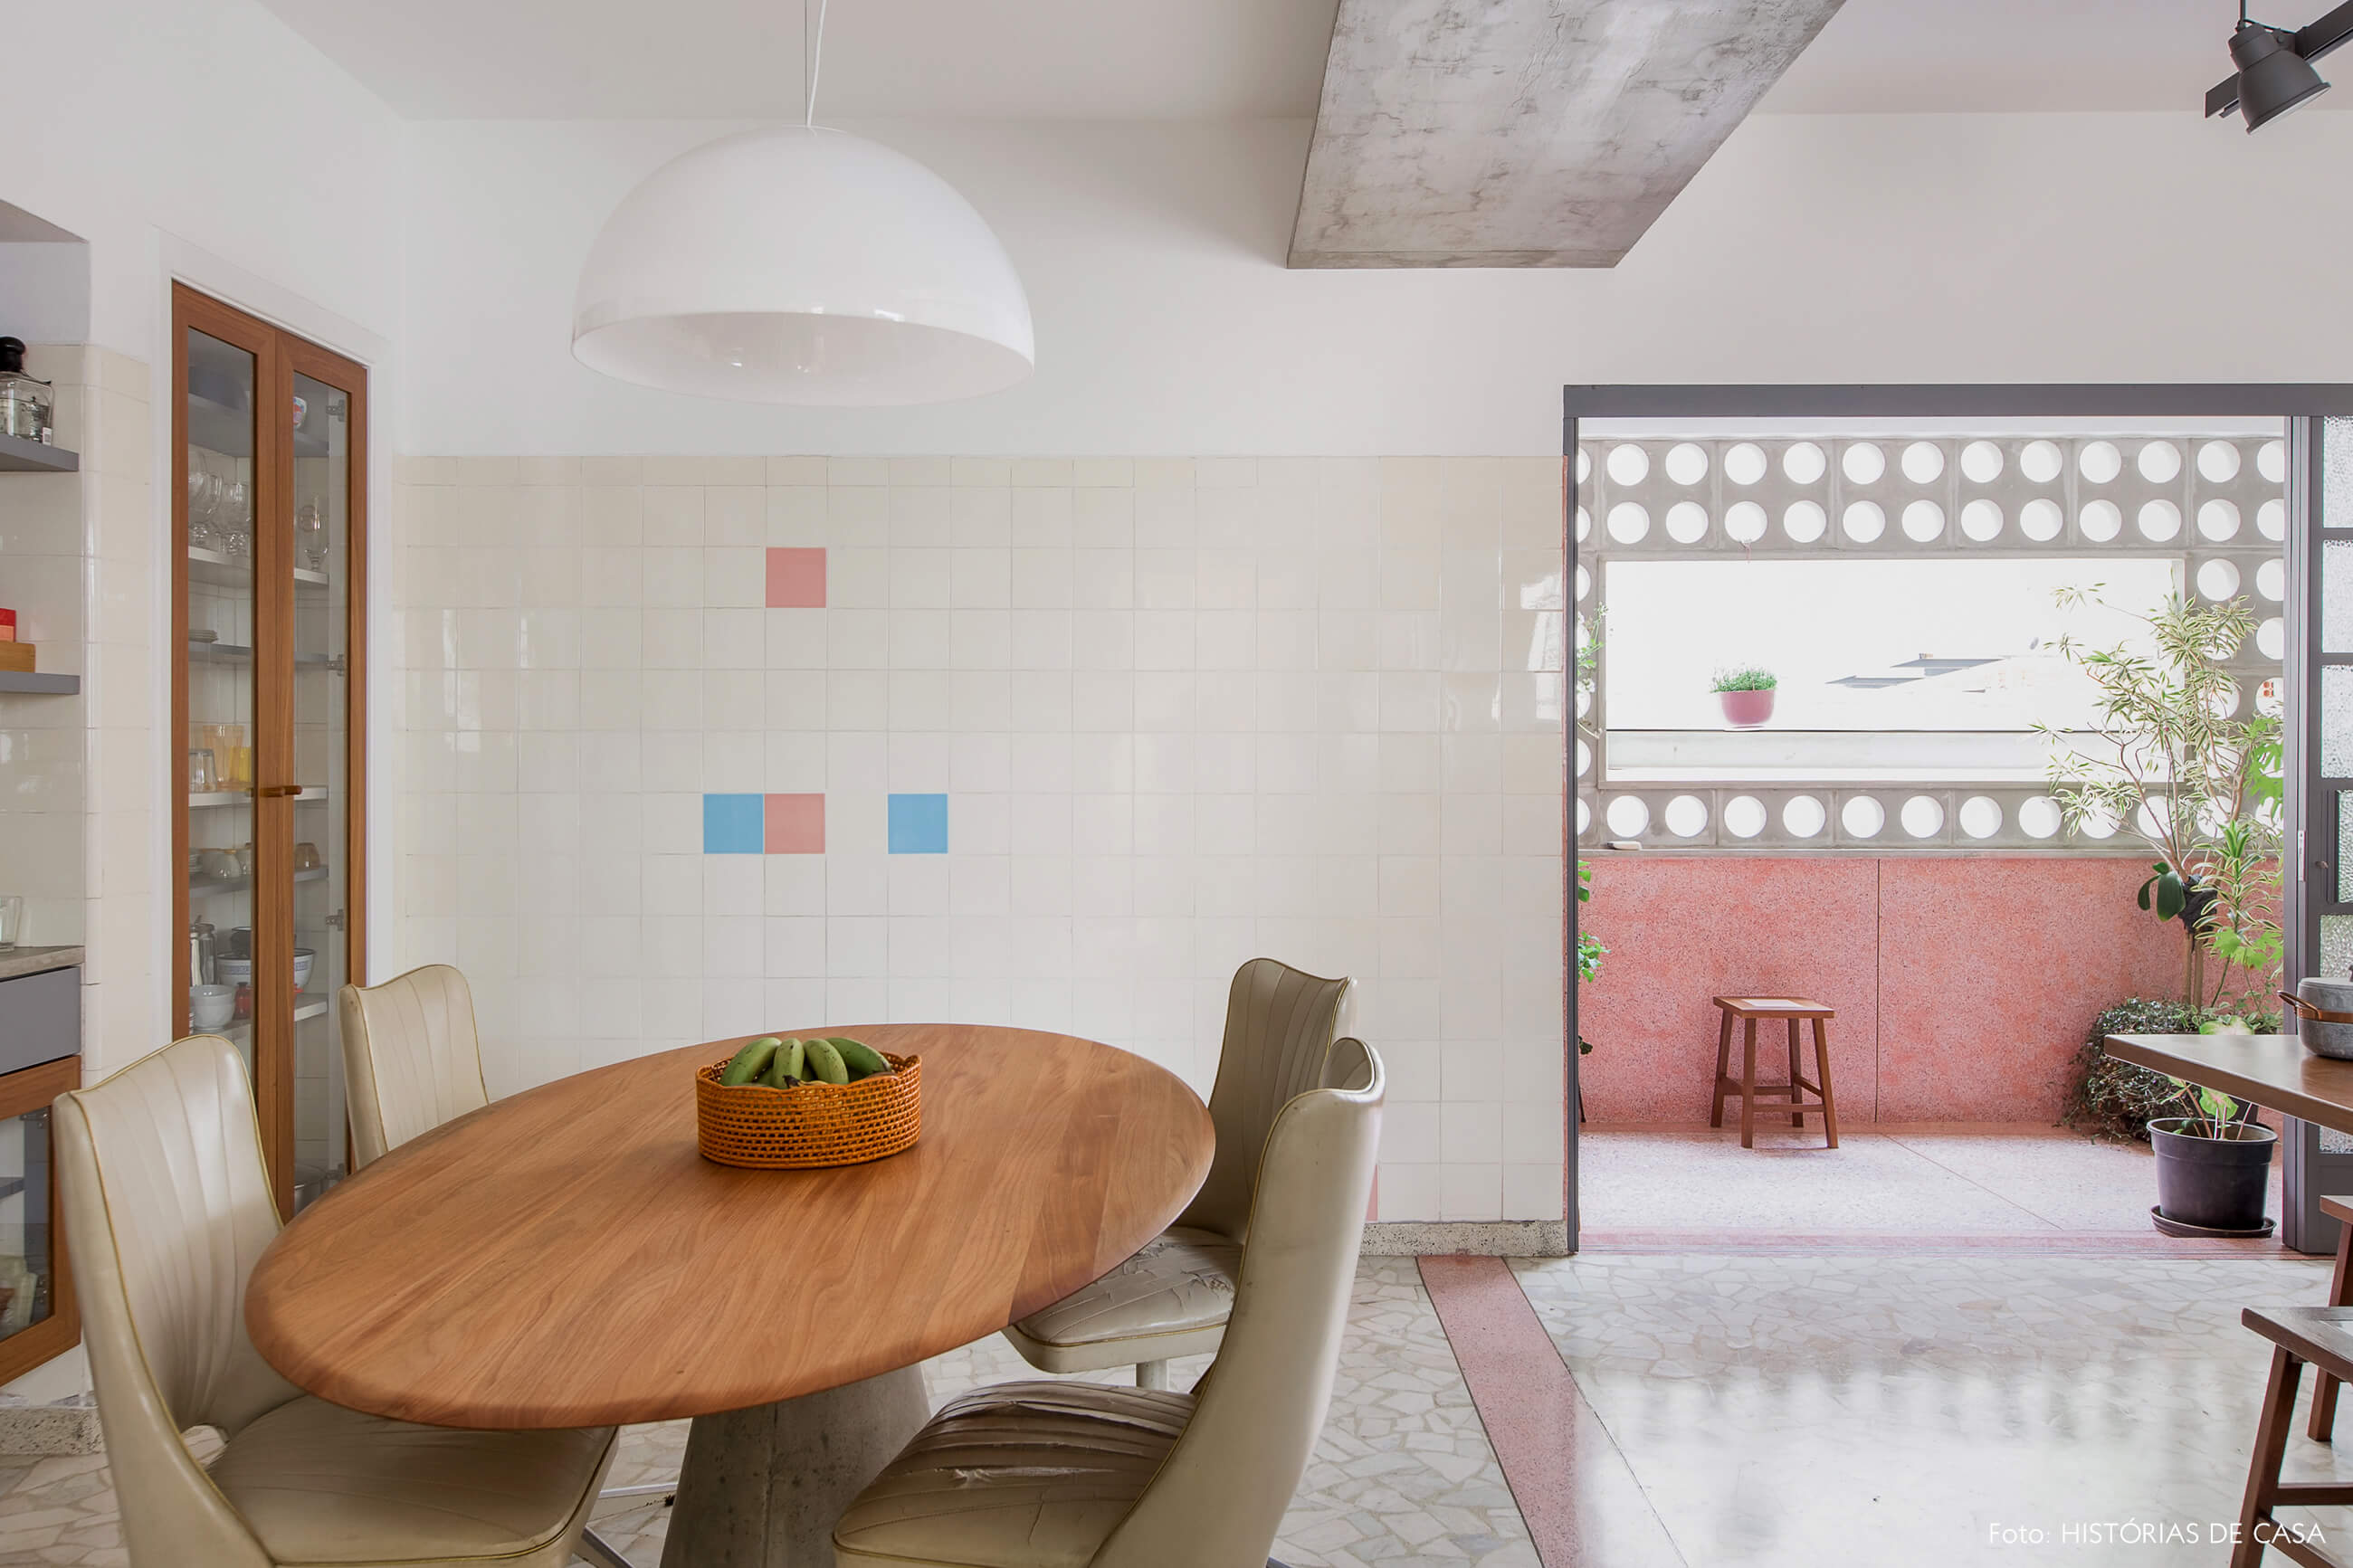 Cozinha vintage reformada com piso de granilite e mesa com tampo de madeira